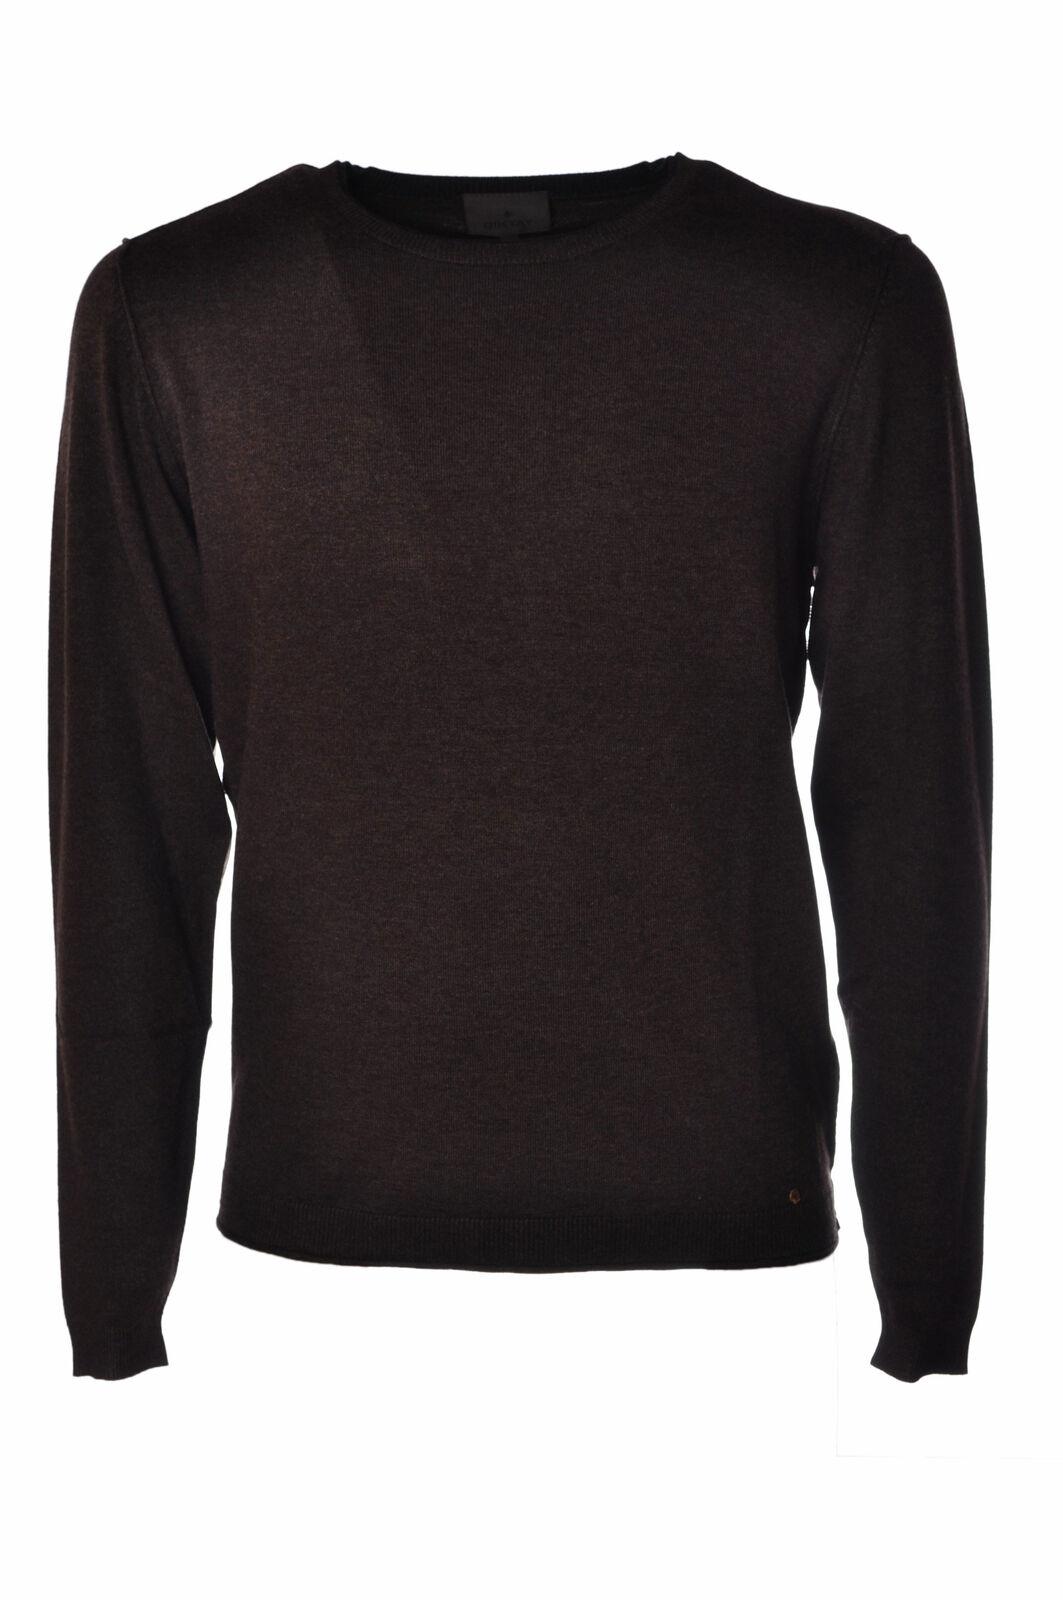 Diktat  -  Sweaters - Male - Braun - 2632619A180650